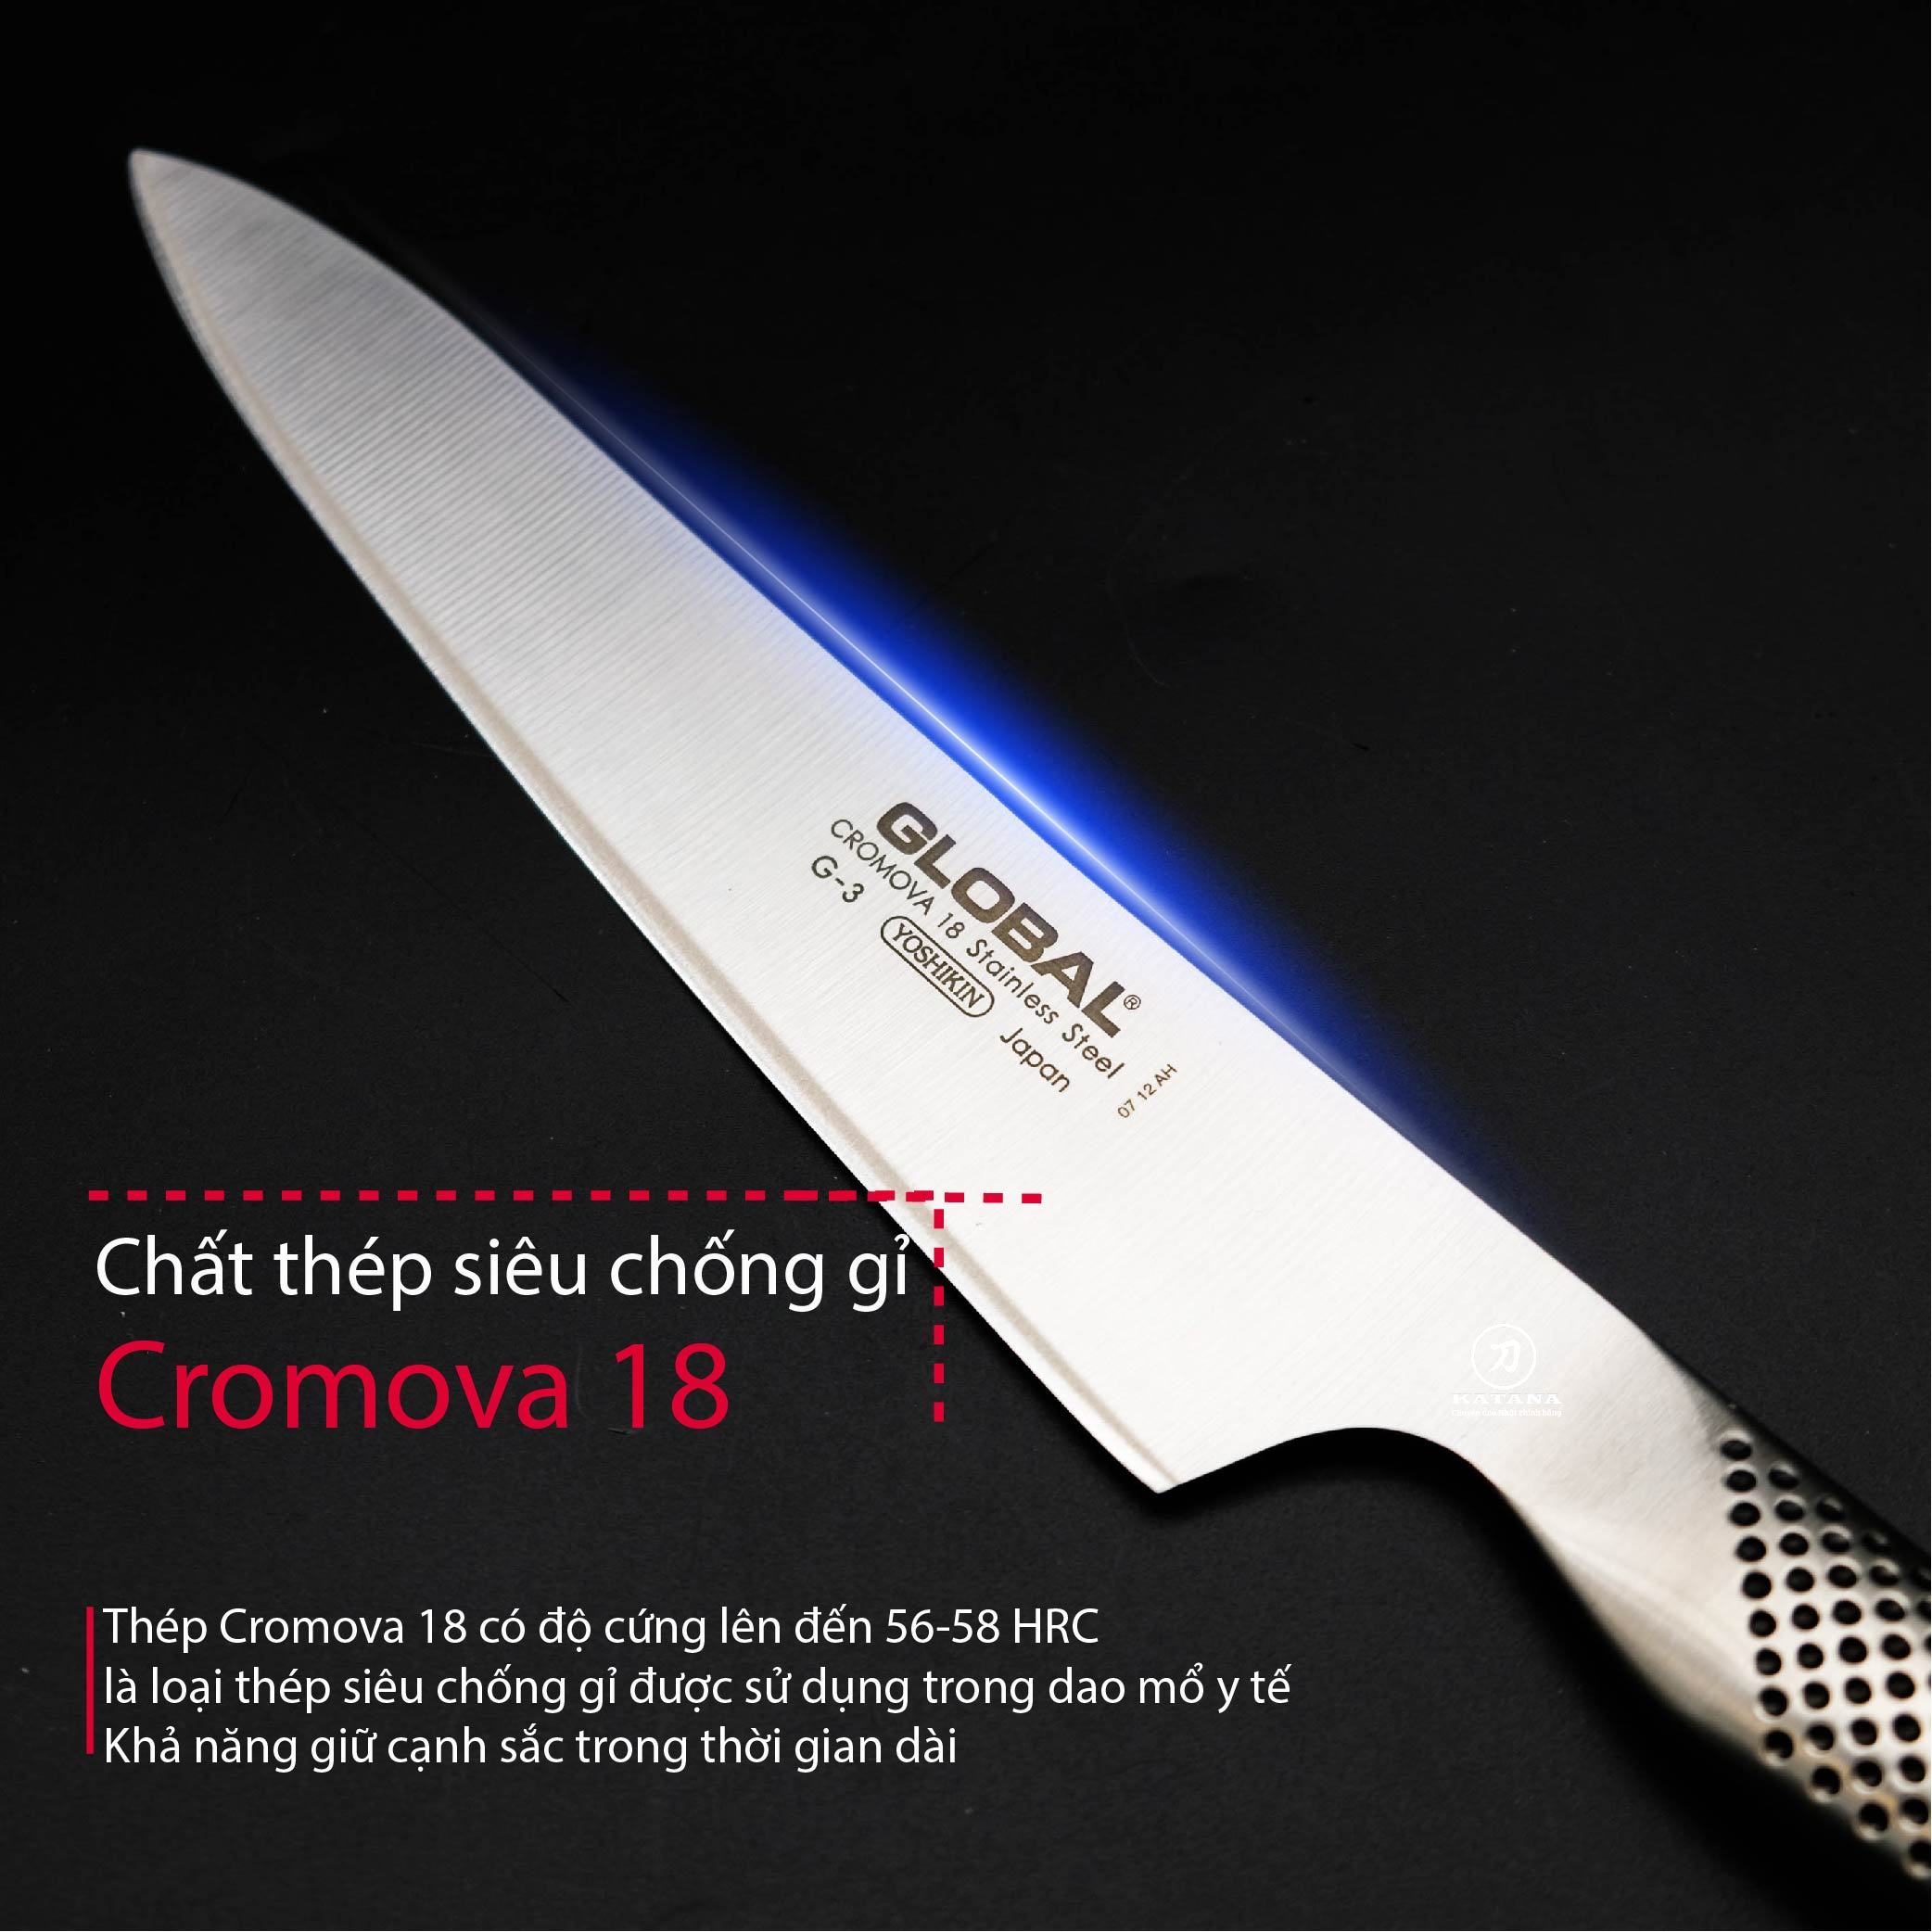 Dao bếp Nhật cao cấp Global G3 Carving Knife - Dao thái lát (210mm)- Dao bếp Nhật chính hãng